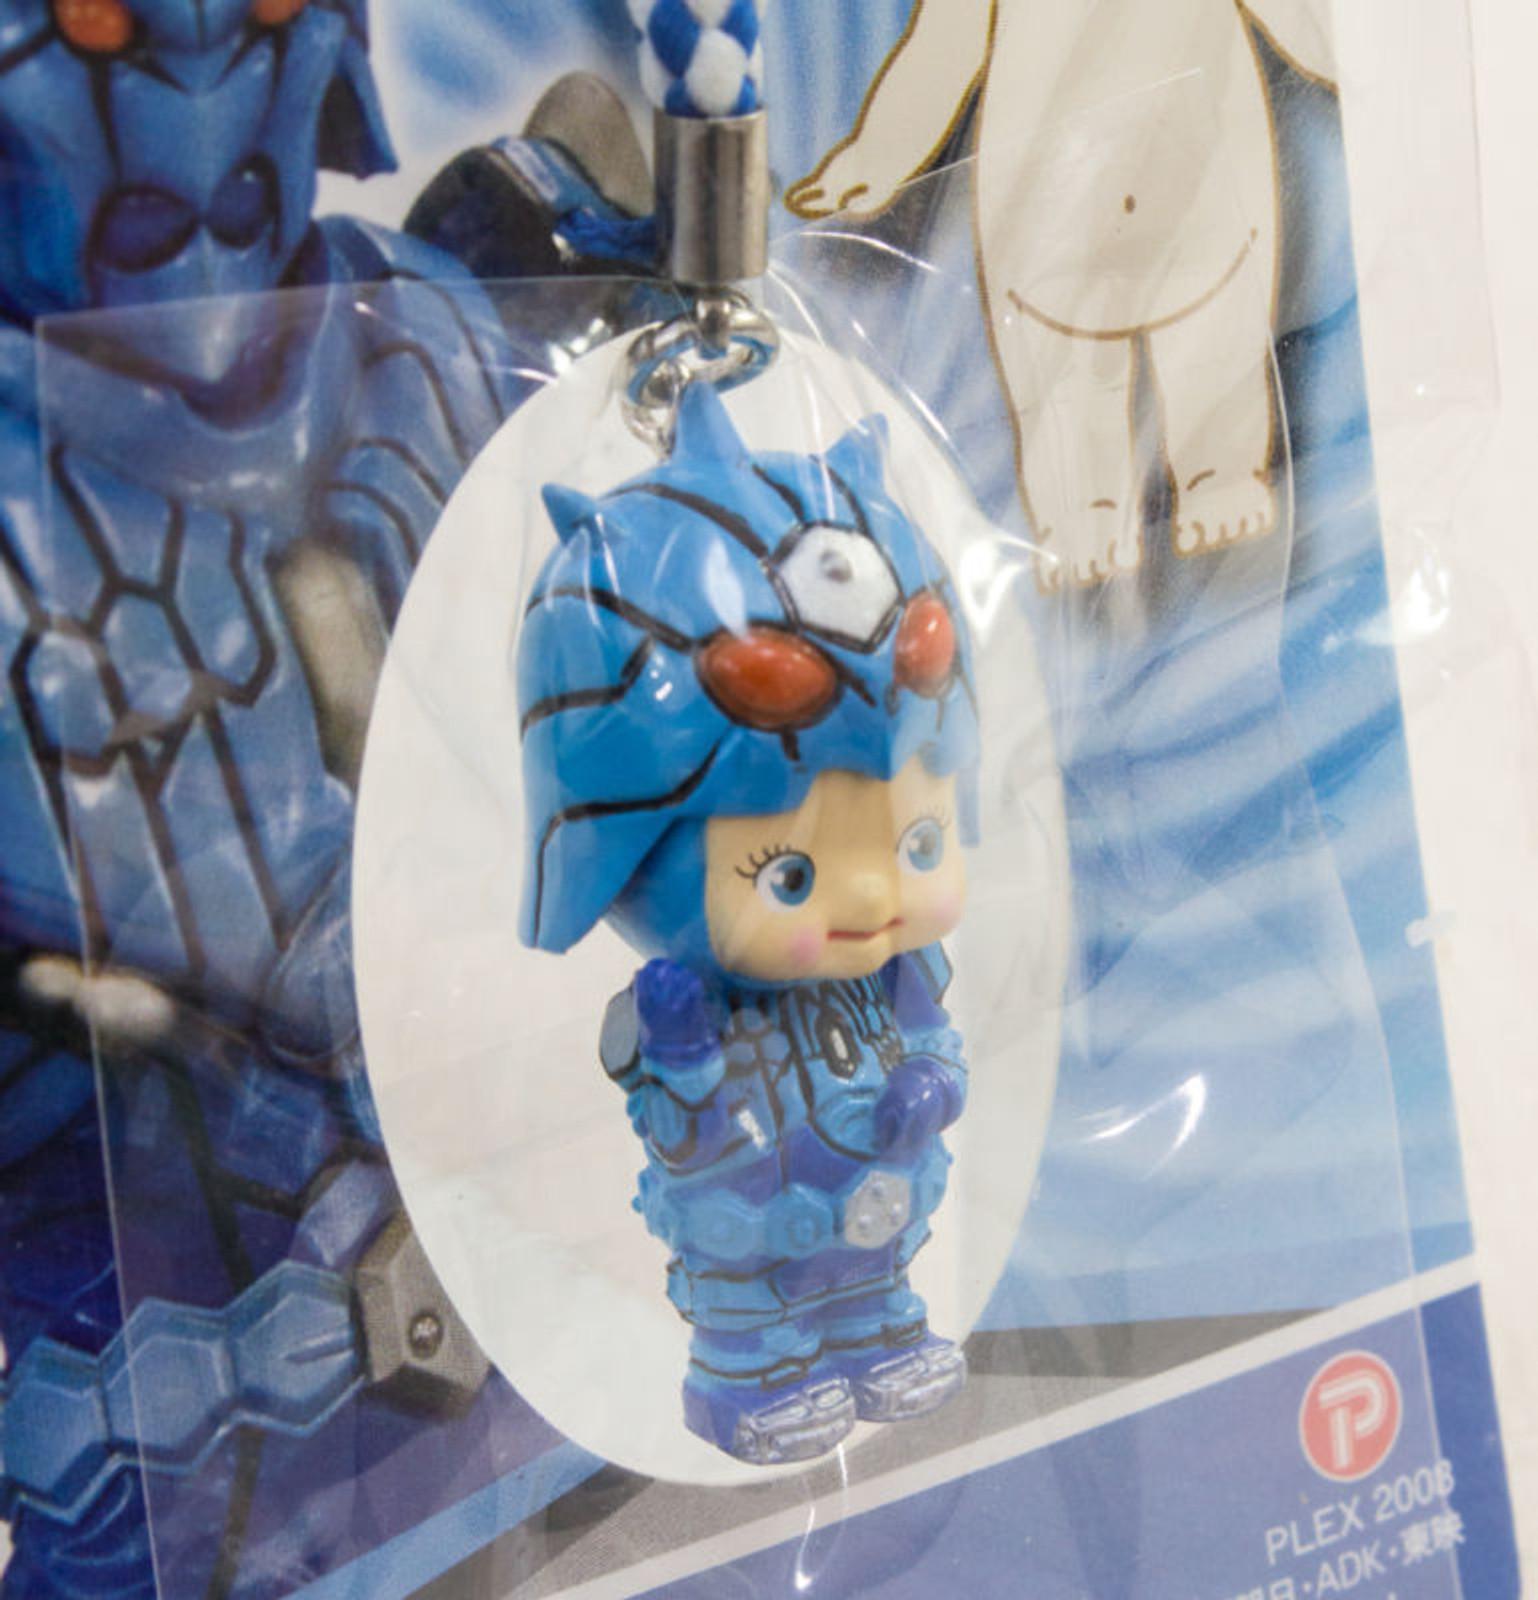 Kamen Rider Denoh Uratarosu Rose O'neill Kewpie Kewsion Strap JAPAN